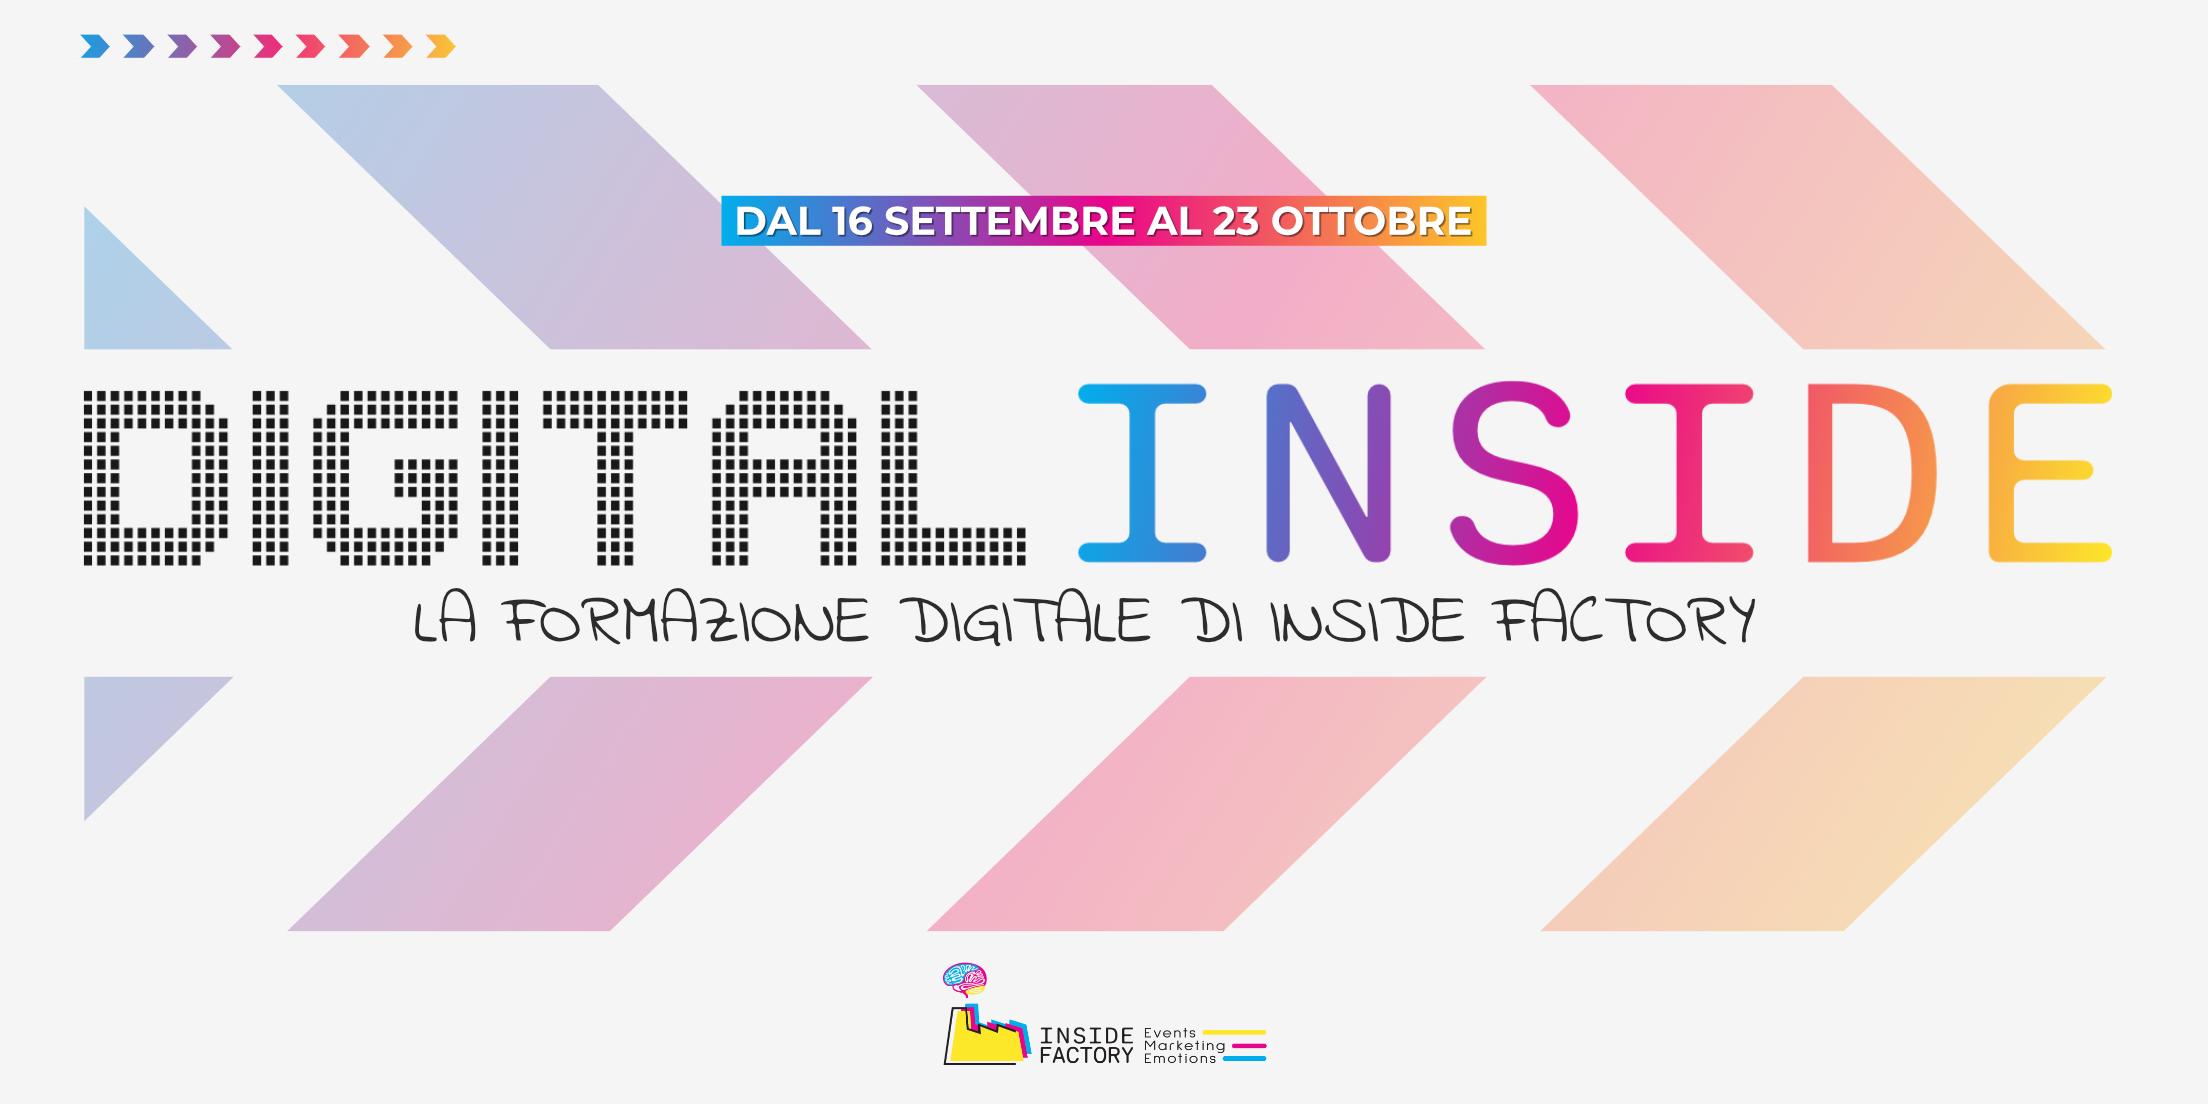 DIGITAL INSIDE: al via la nuova edizione della formazione sul digitale targata Inside Factory